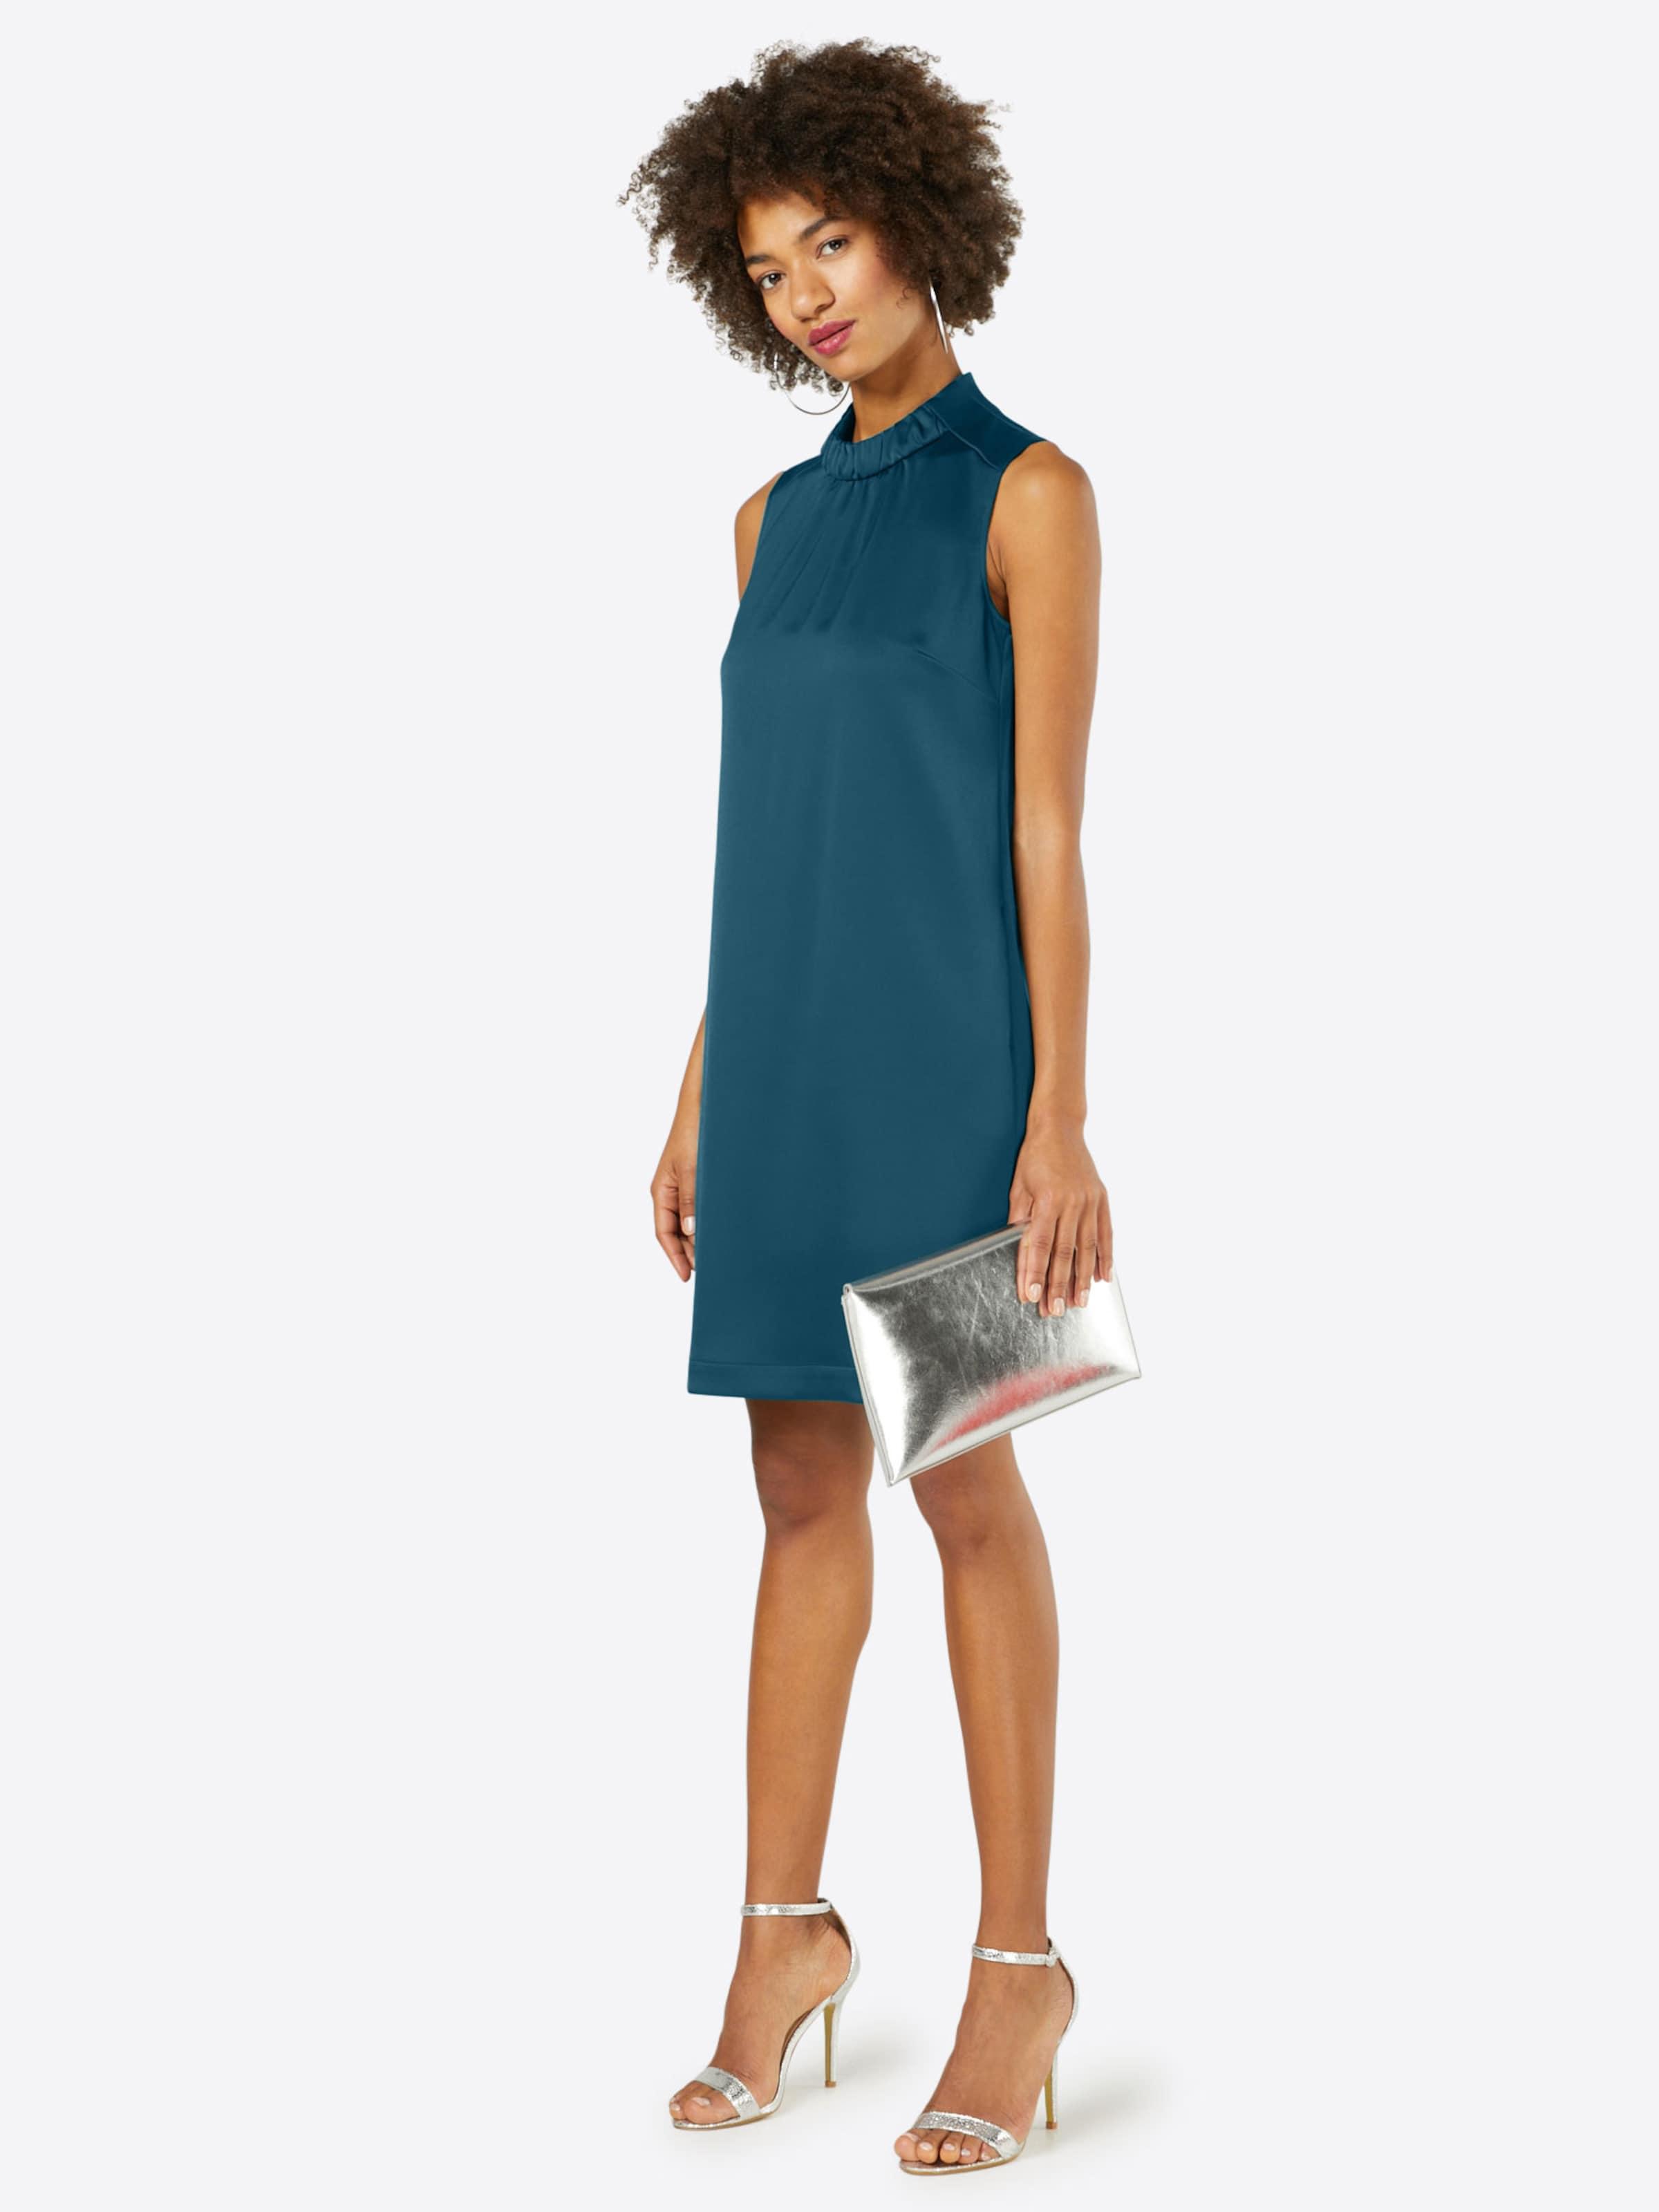 Limited Edition Günstig Online talkabout Kleid 'Gewebe' Steckdose Genießen Online-Shopping-Original Rabatt Spielraum Erhalten Authentisch EOKOoQG8